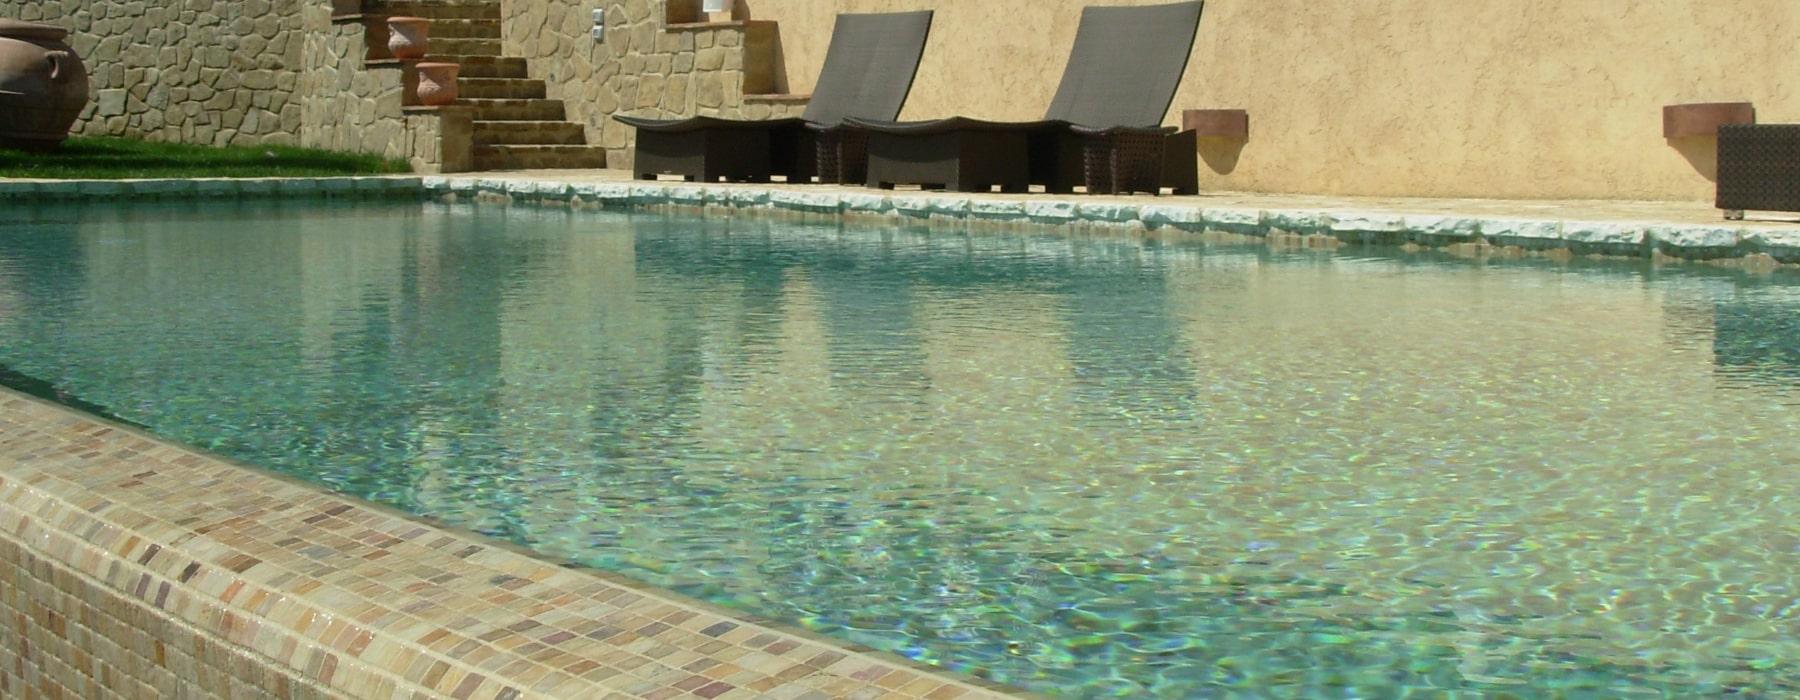 Piscine Sfioro A Cascata realizzazione piscine a sfioro in toscana | garden pool